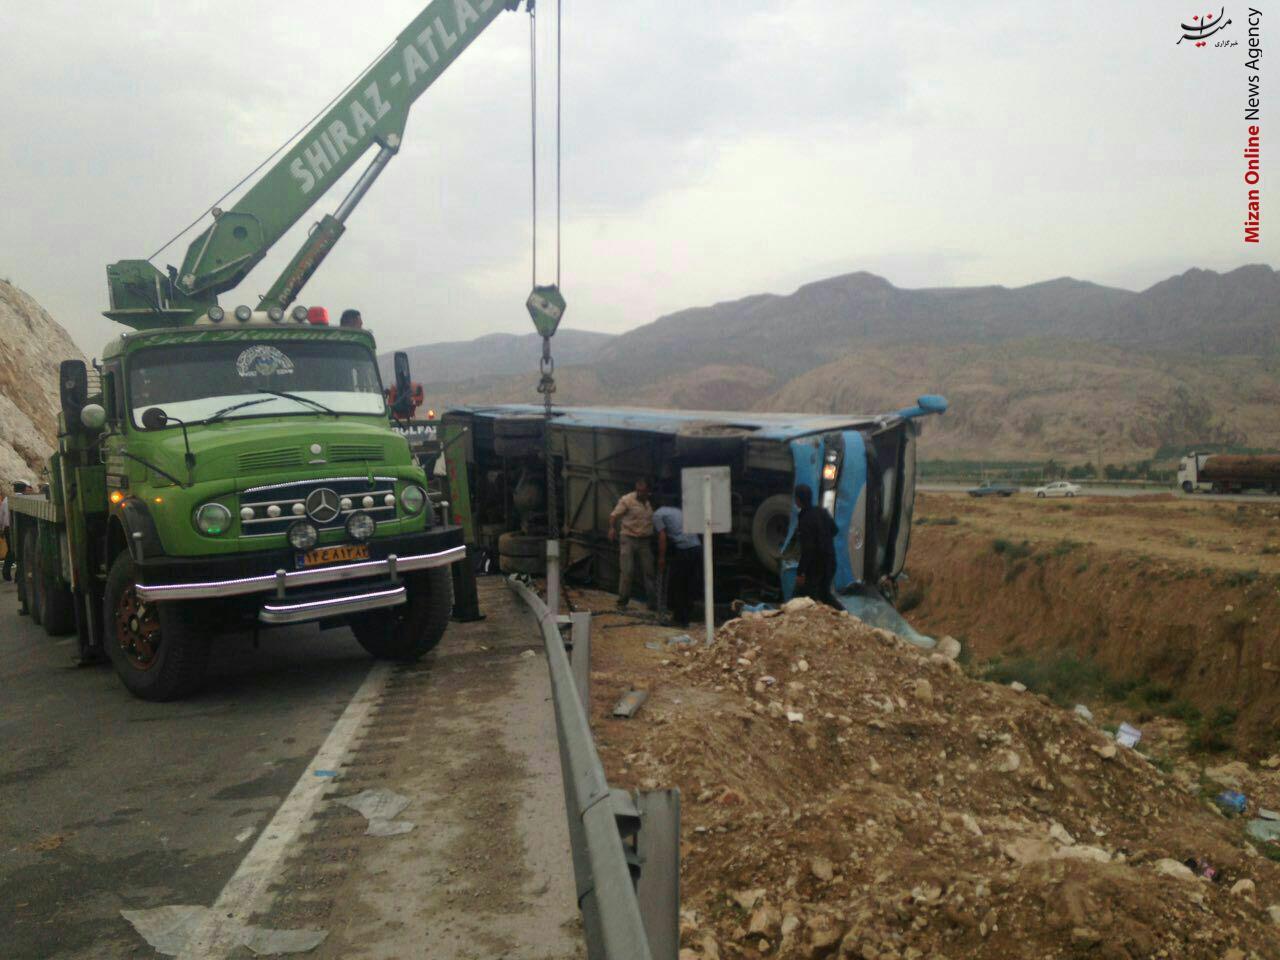 دو توریست آلمانی در حادثه واژگون شدن مینیبوس در استان فارس کشته شدند